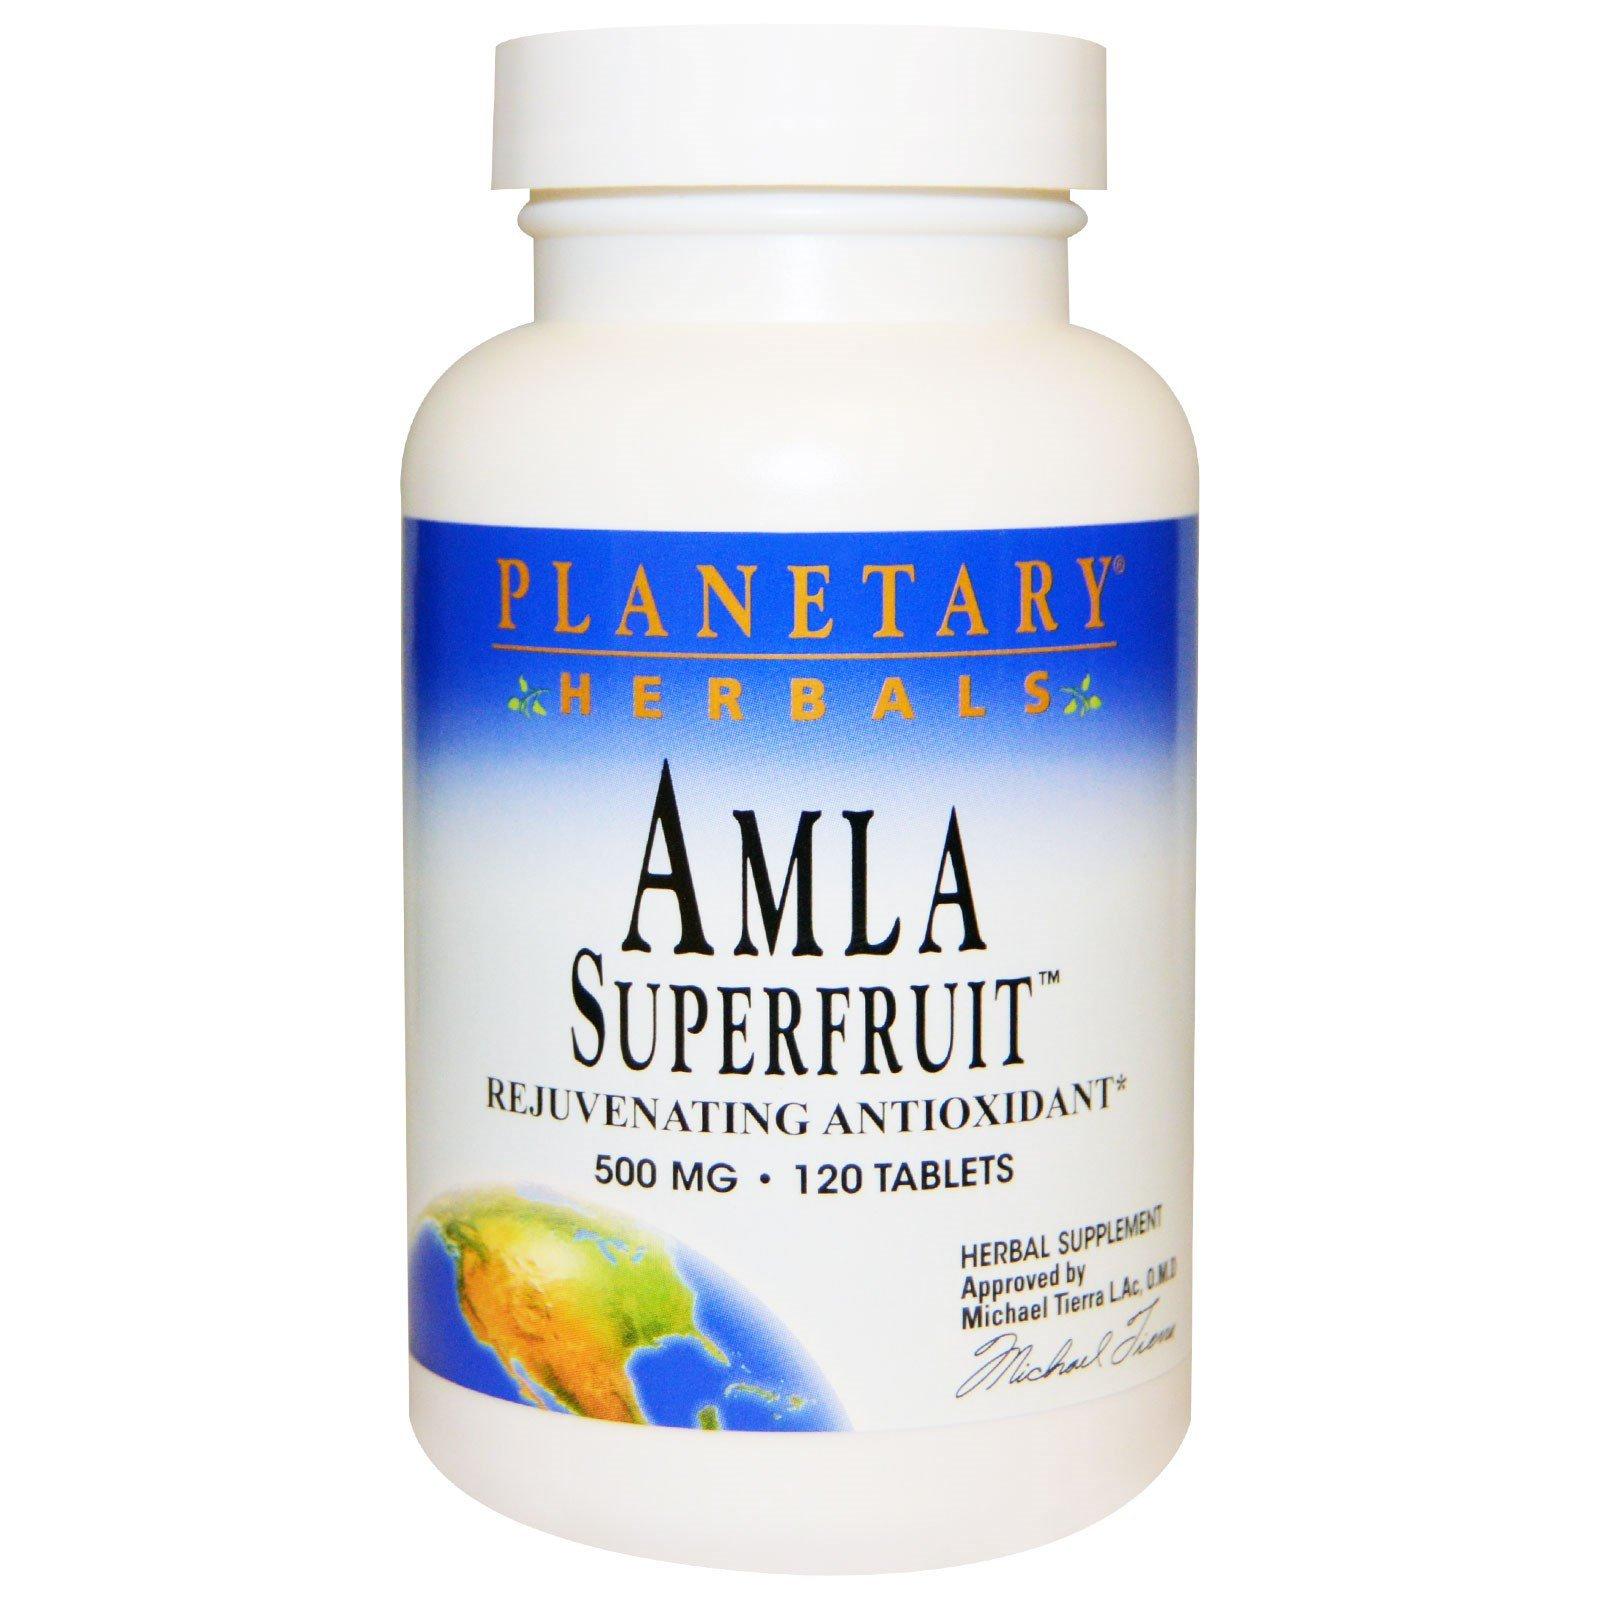 Planetary Herbals Amla Superfruit 500 Mg 120 Tablets Herbalism